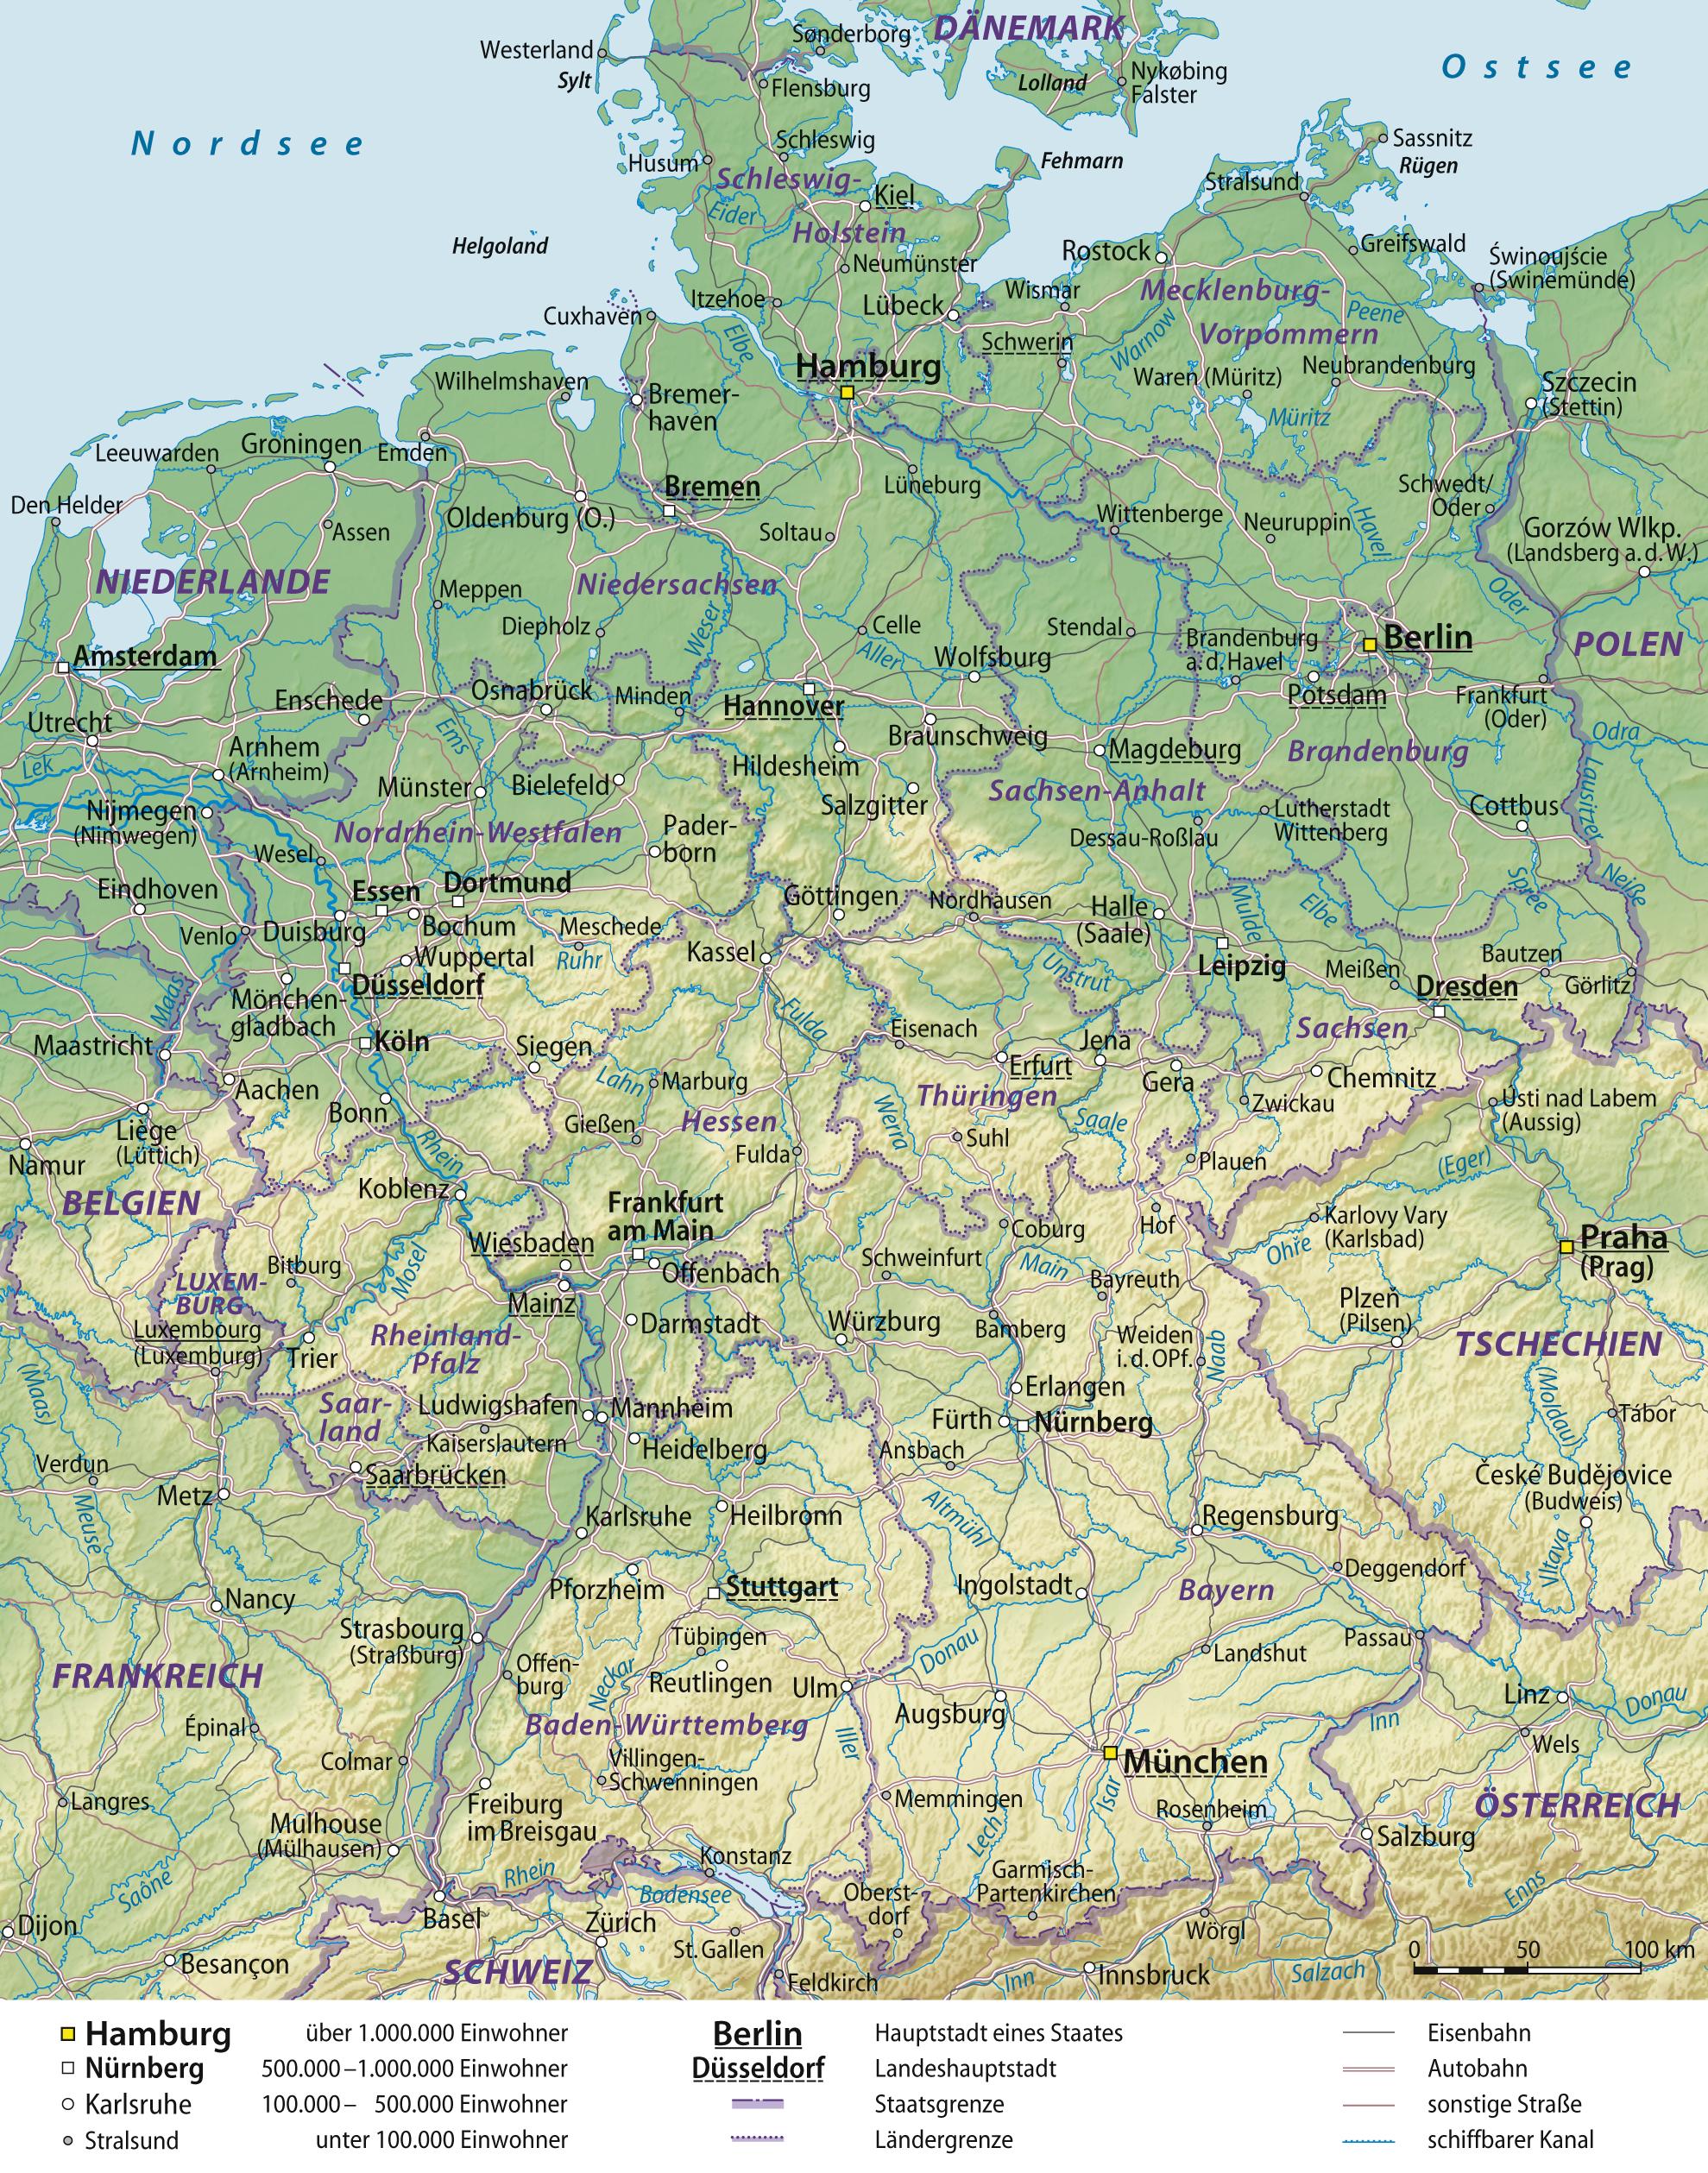 landkarte deutschland grosse bersichtskarte karten und stadtpl ne der welt. Black Bedroom Furniture Sets. Home Design Ideas